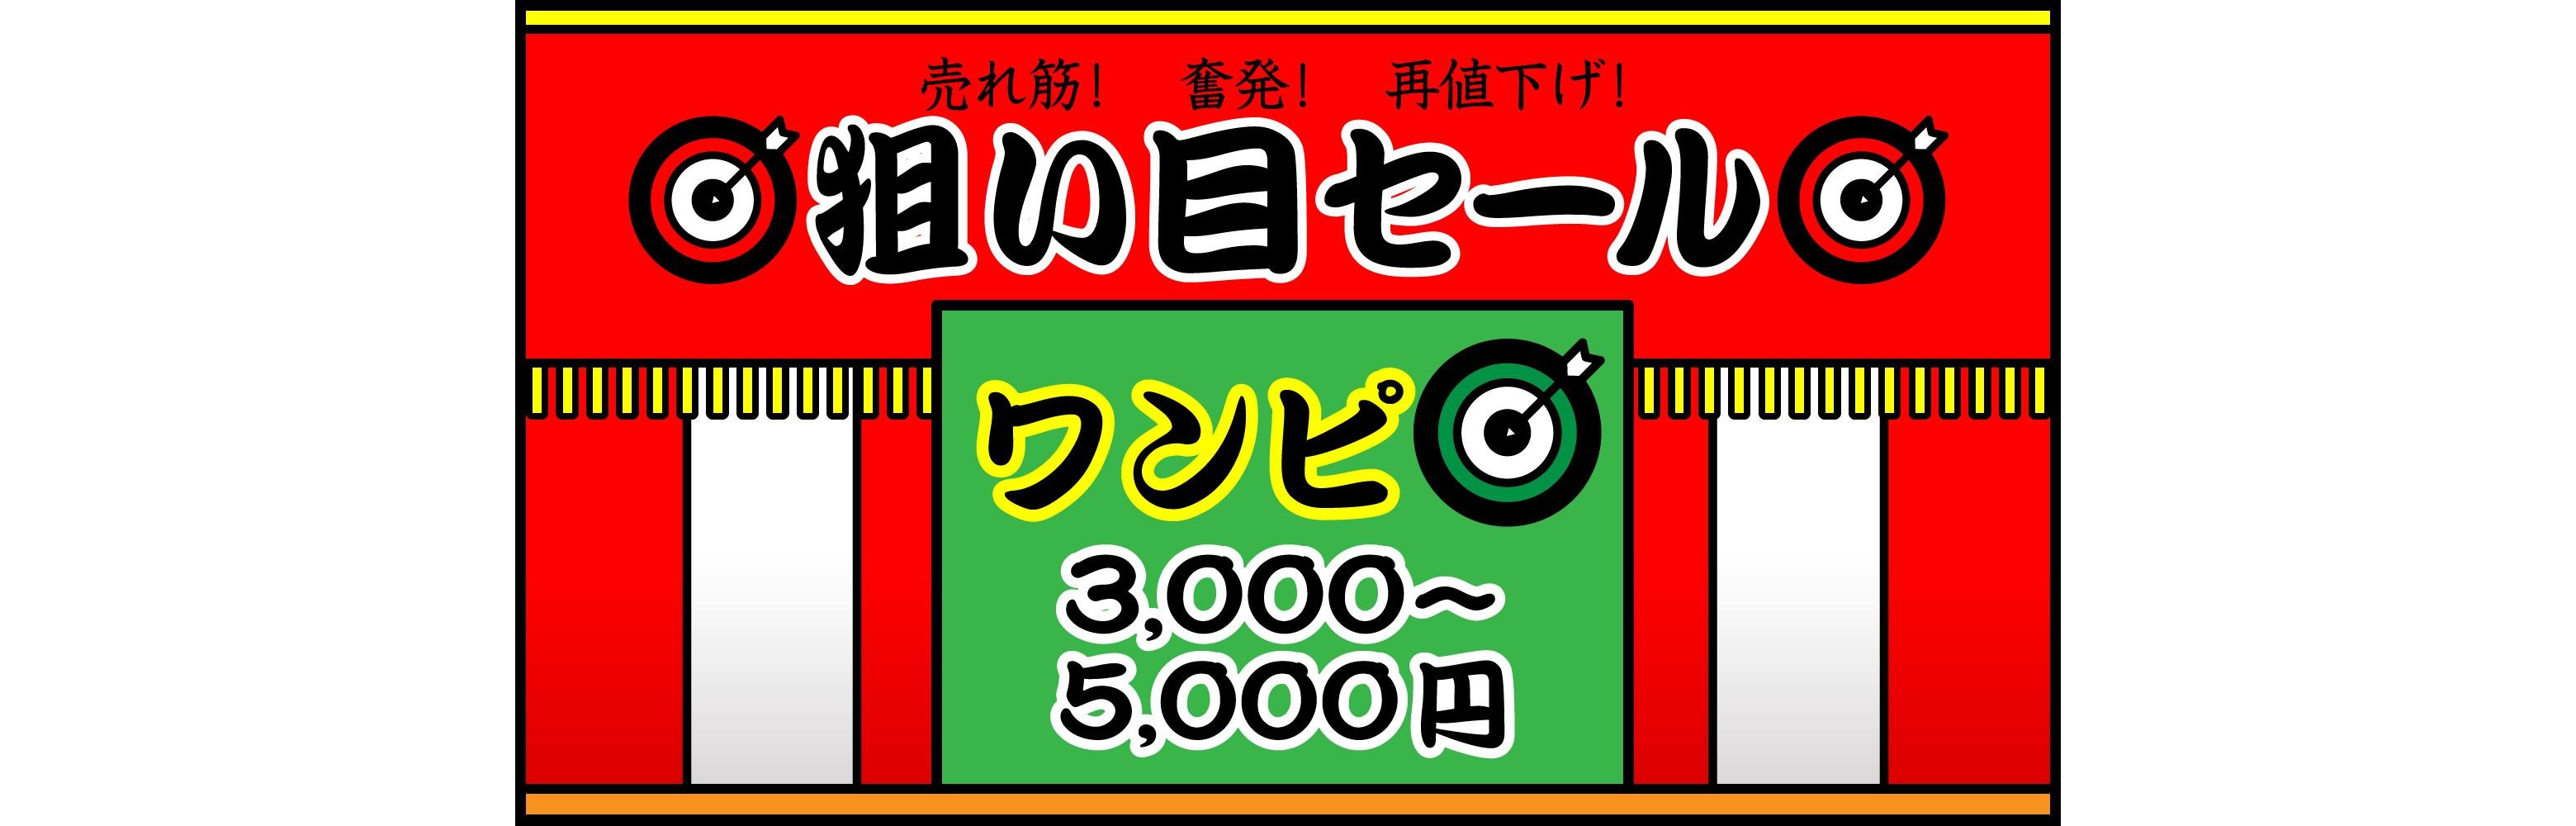 狙い目セール \ワンピ ¥3000~¥5000/